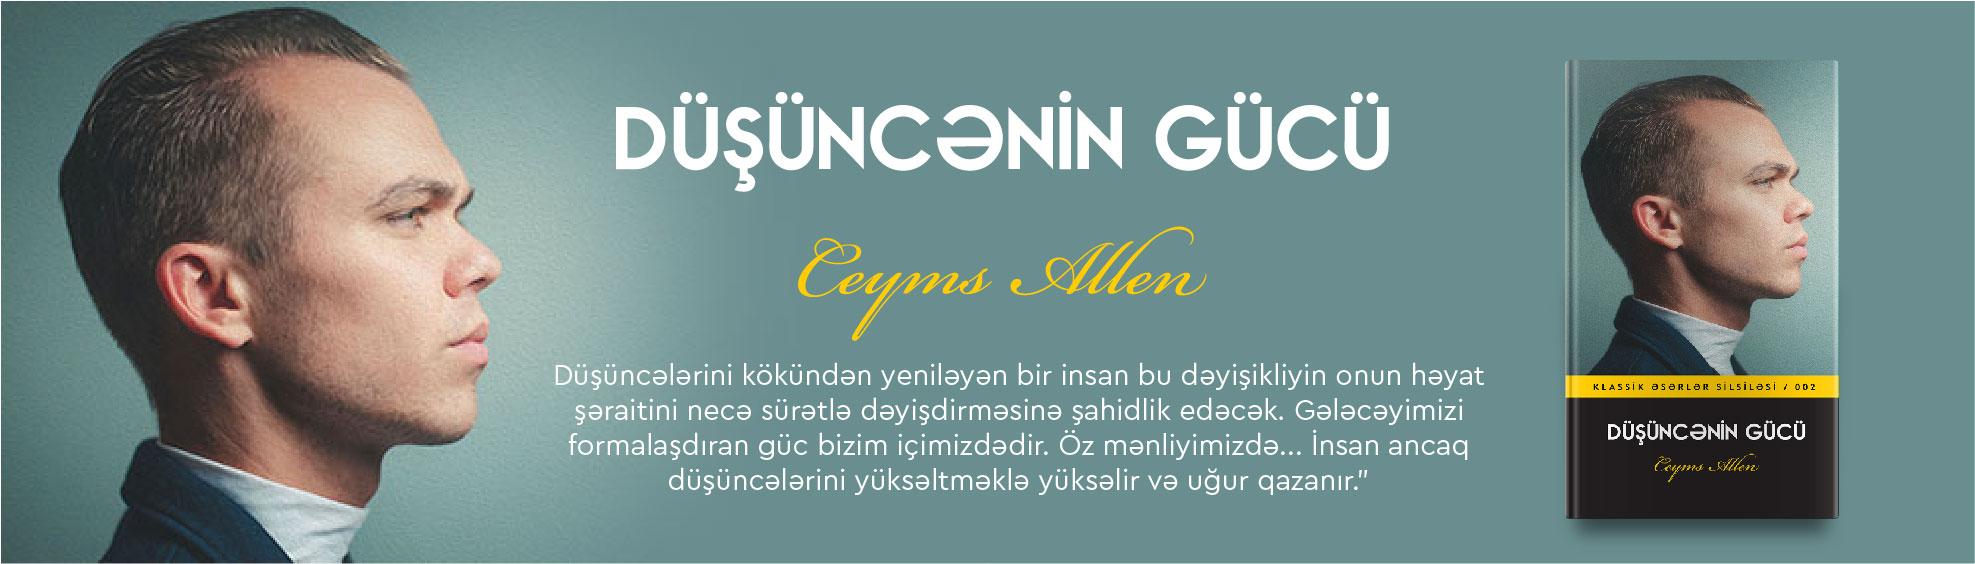 banner sayt ucun-01